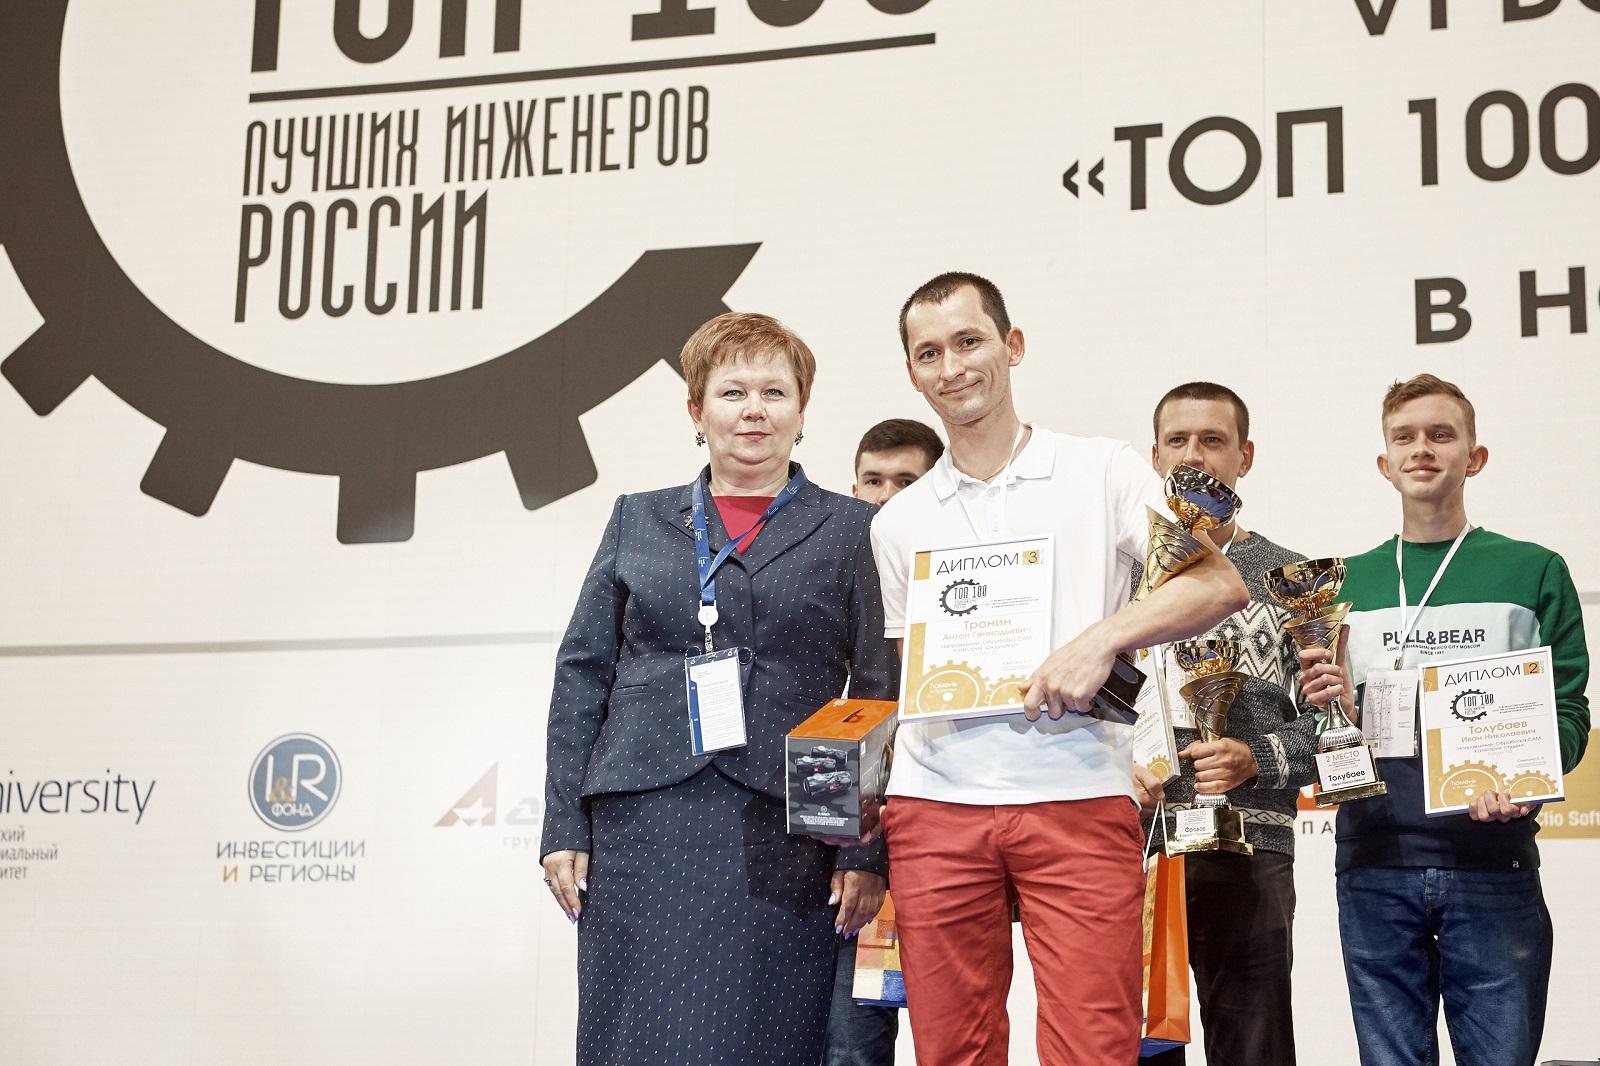 Специалисты ИЭМЗ «Купол» приняли участие во Всероссийском конкурсе инженеров